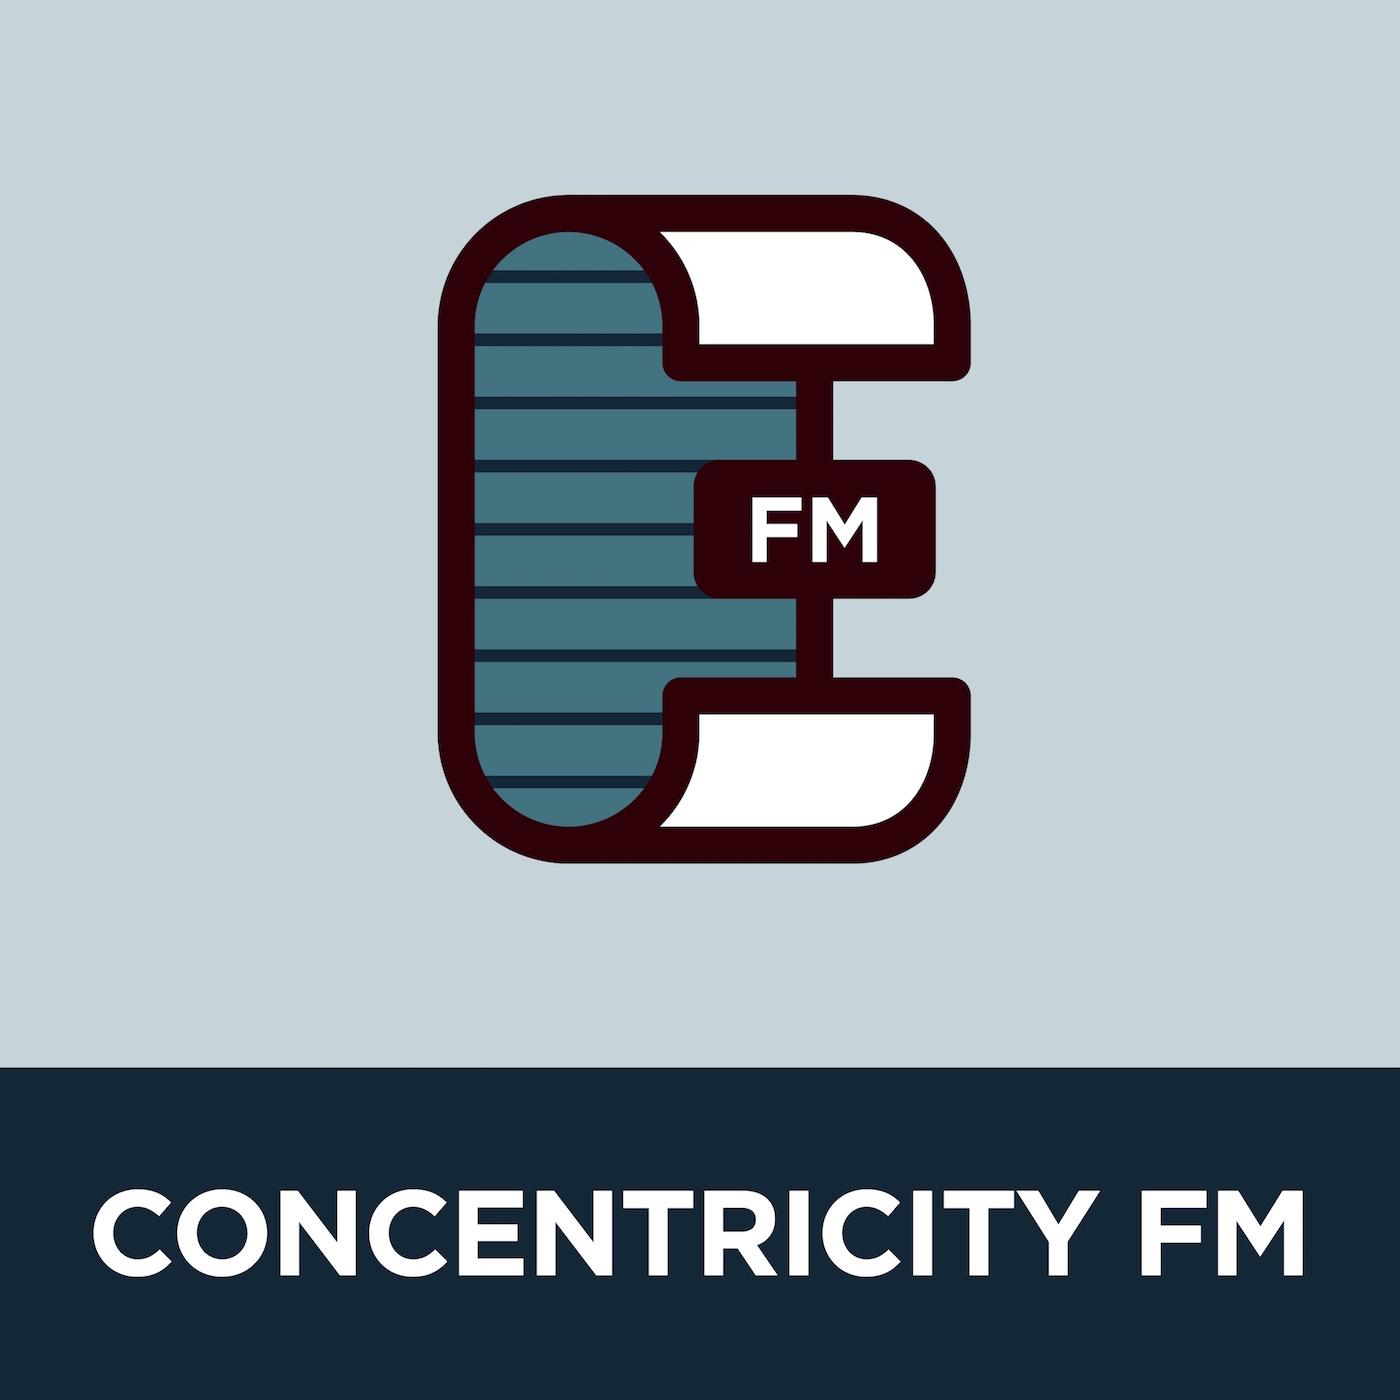 Concentricity FM